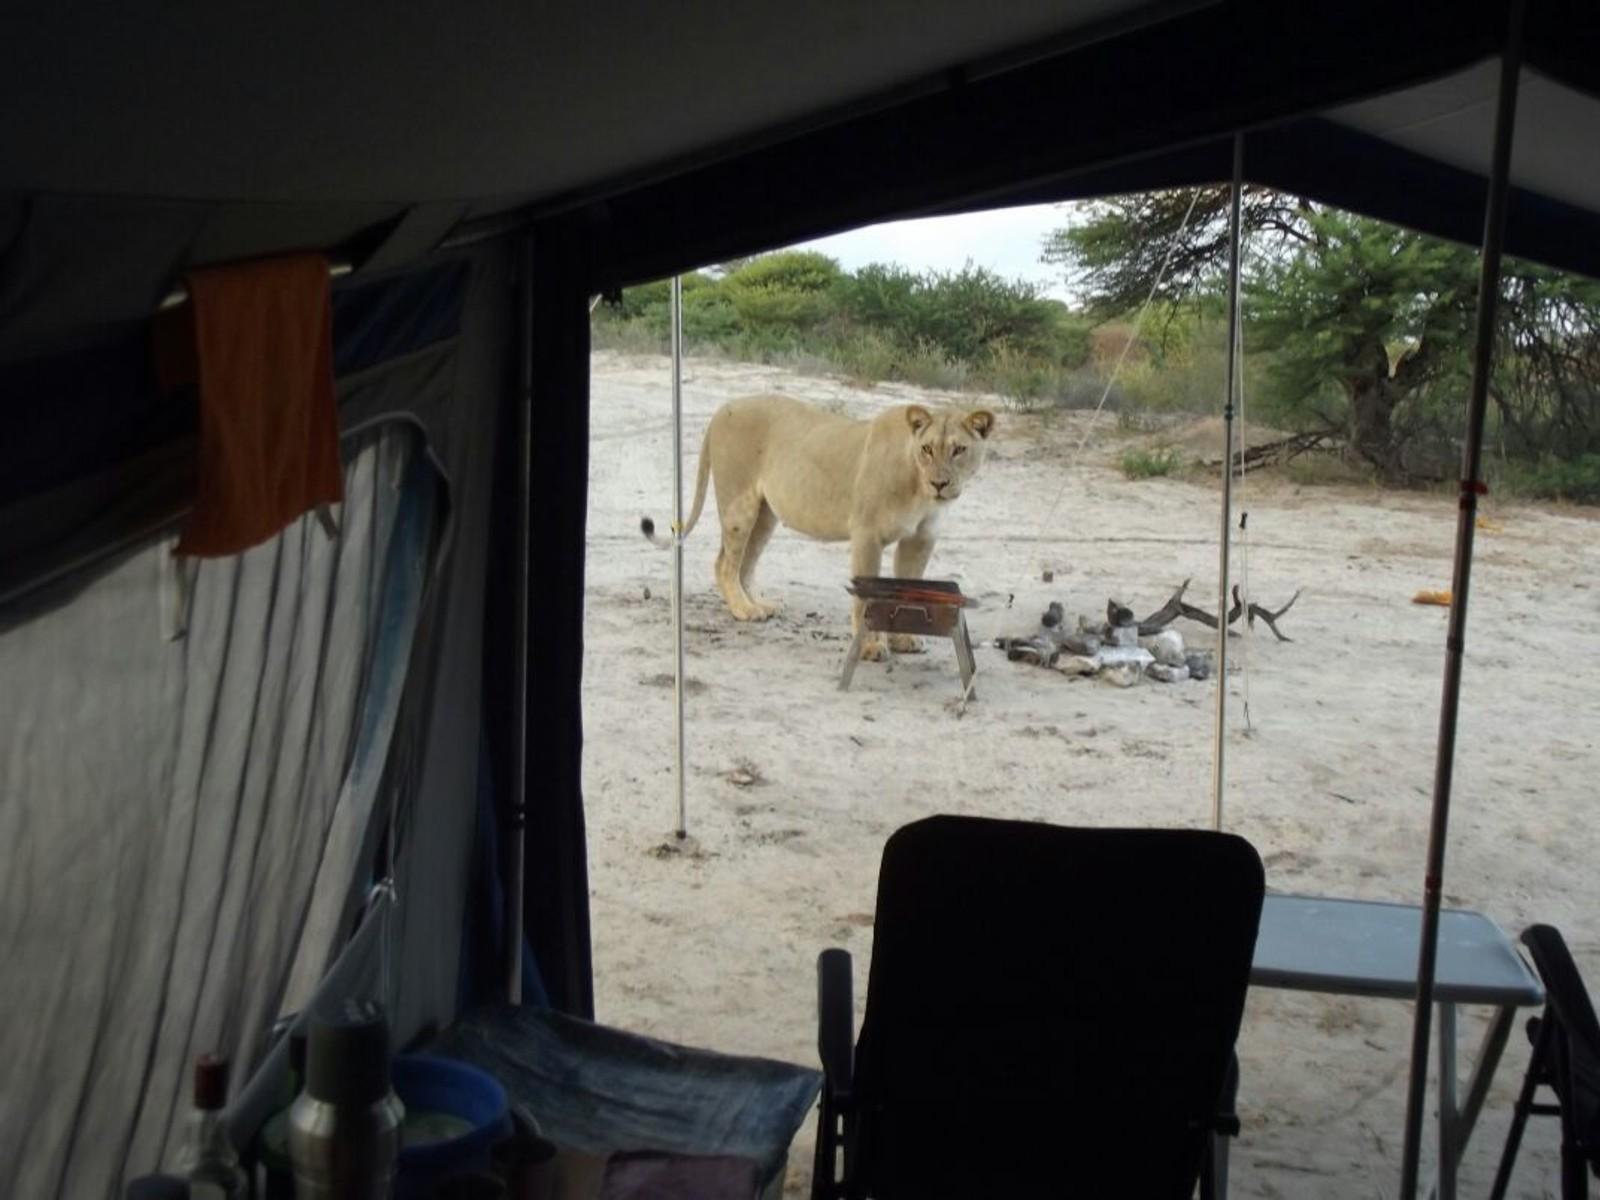 Fransie Lubbe våknet til løver som slikka dugg av teltet hennes i nasjonalparken Kgalagadi Transfrontier Park denne uka. (NB! Søk Lions licking water off a tent, hvis du vil se video av den noe spesielle morgenstunden:)